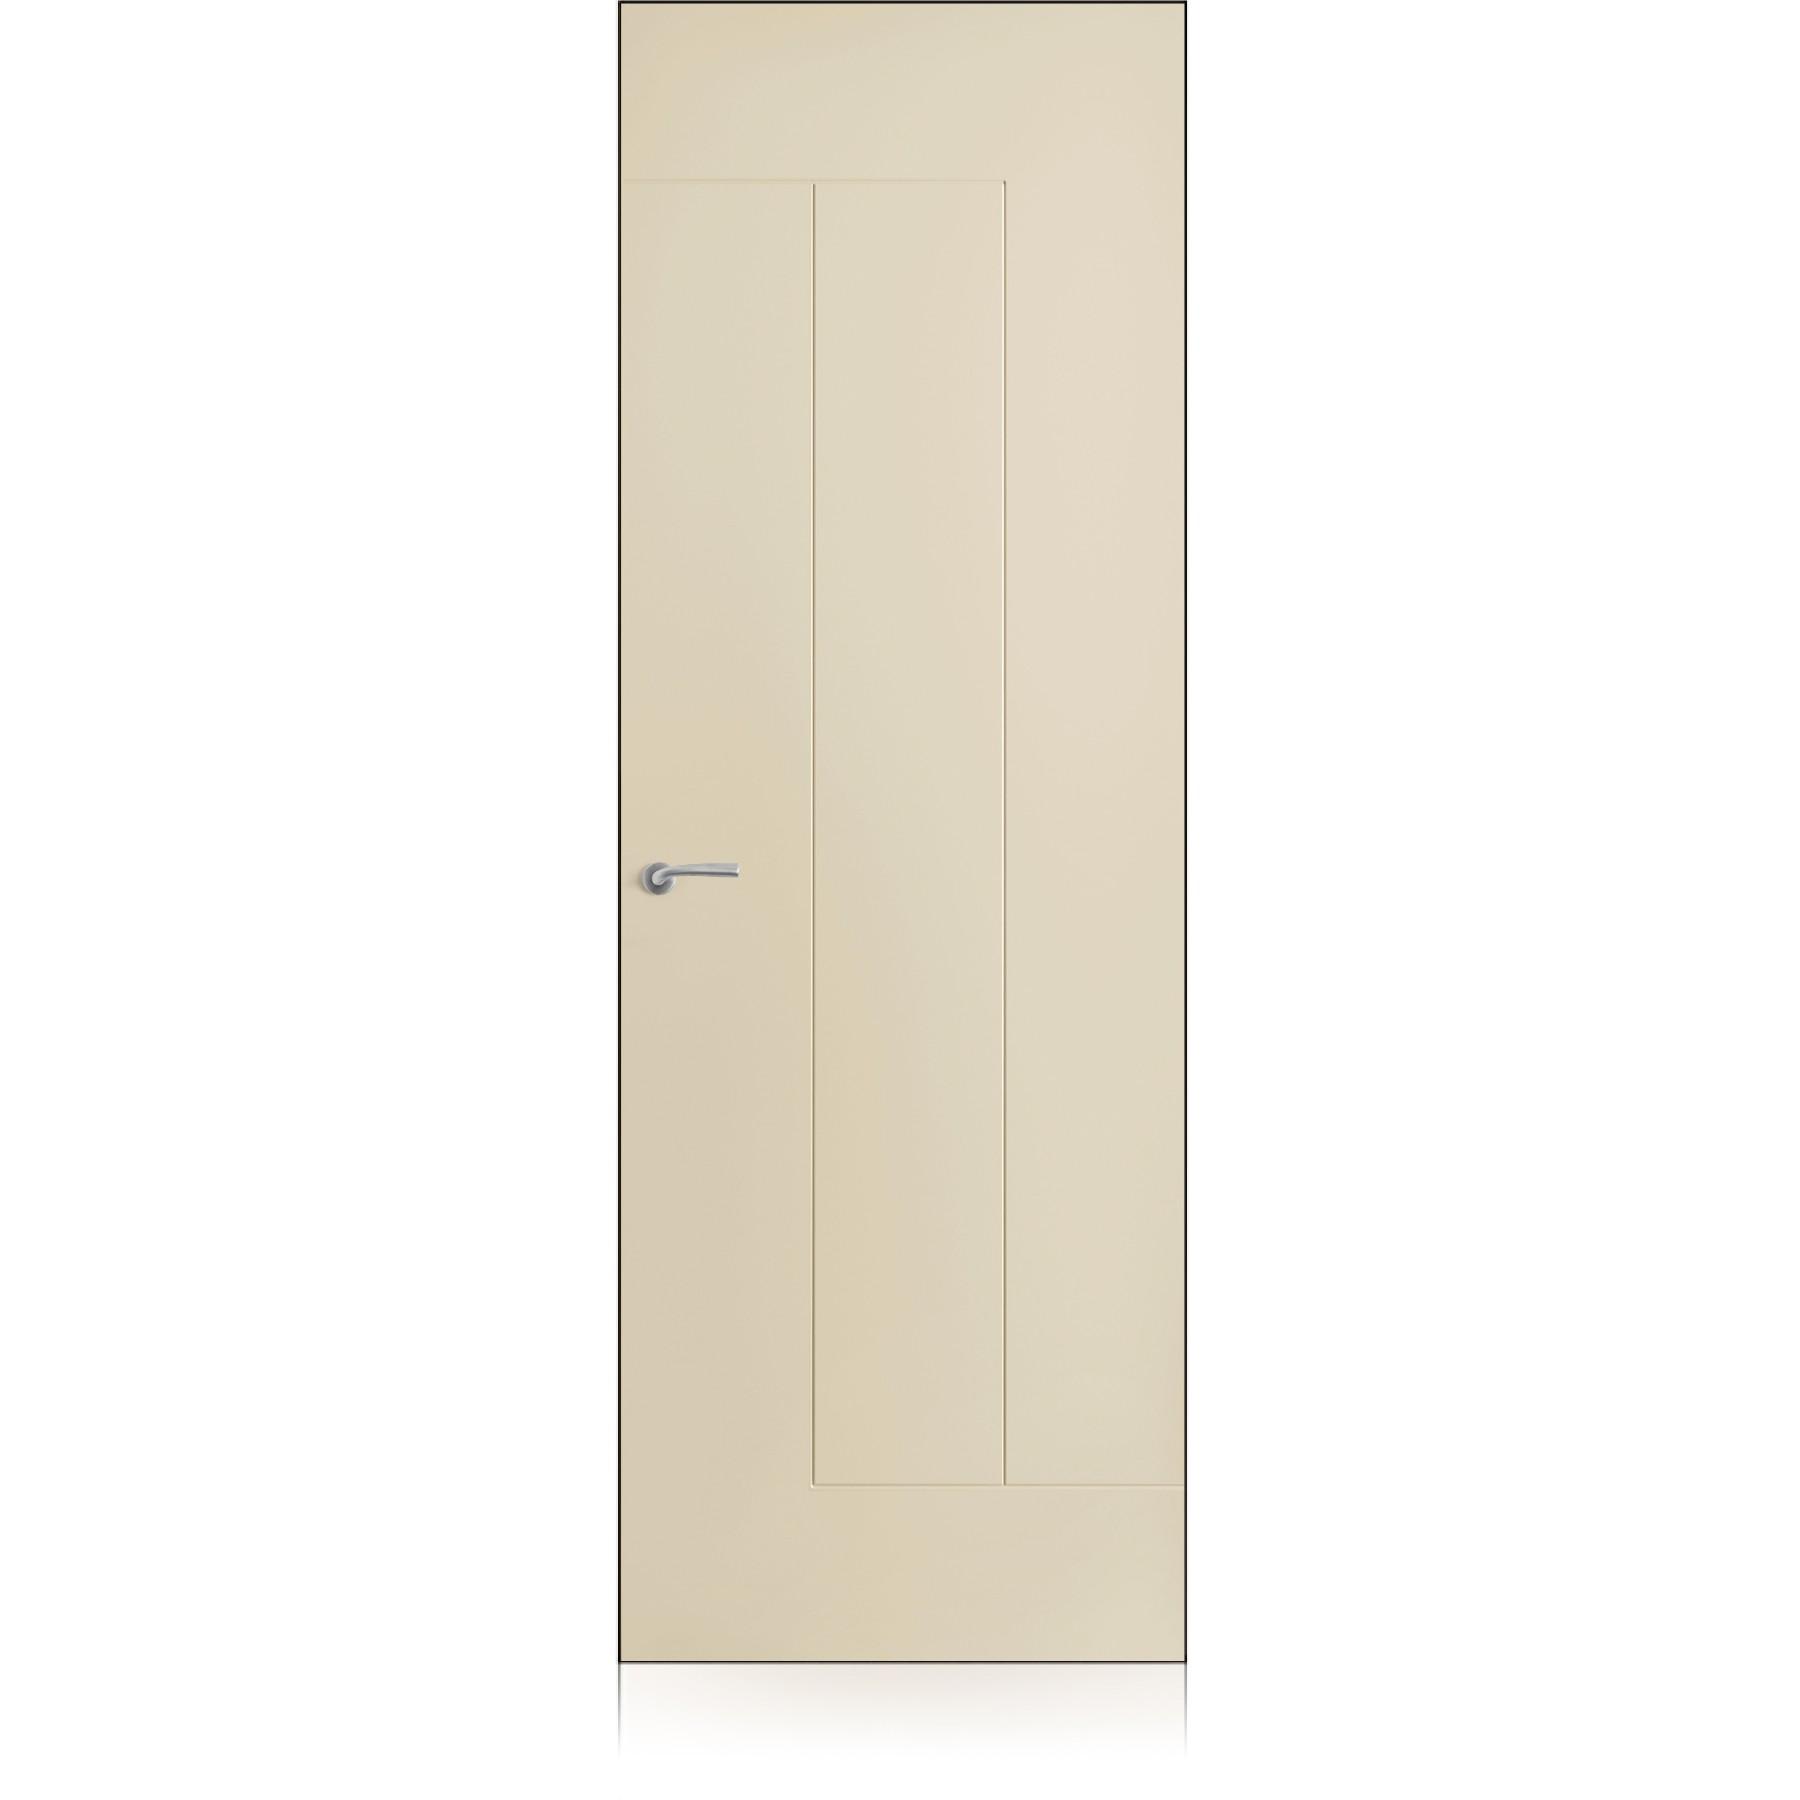 Yncisa/8 Zero Cremy Laccato ULTRAopaco door